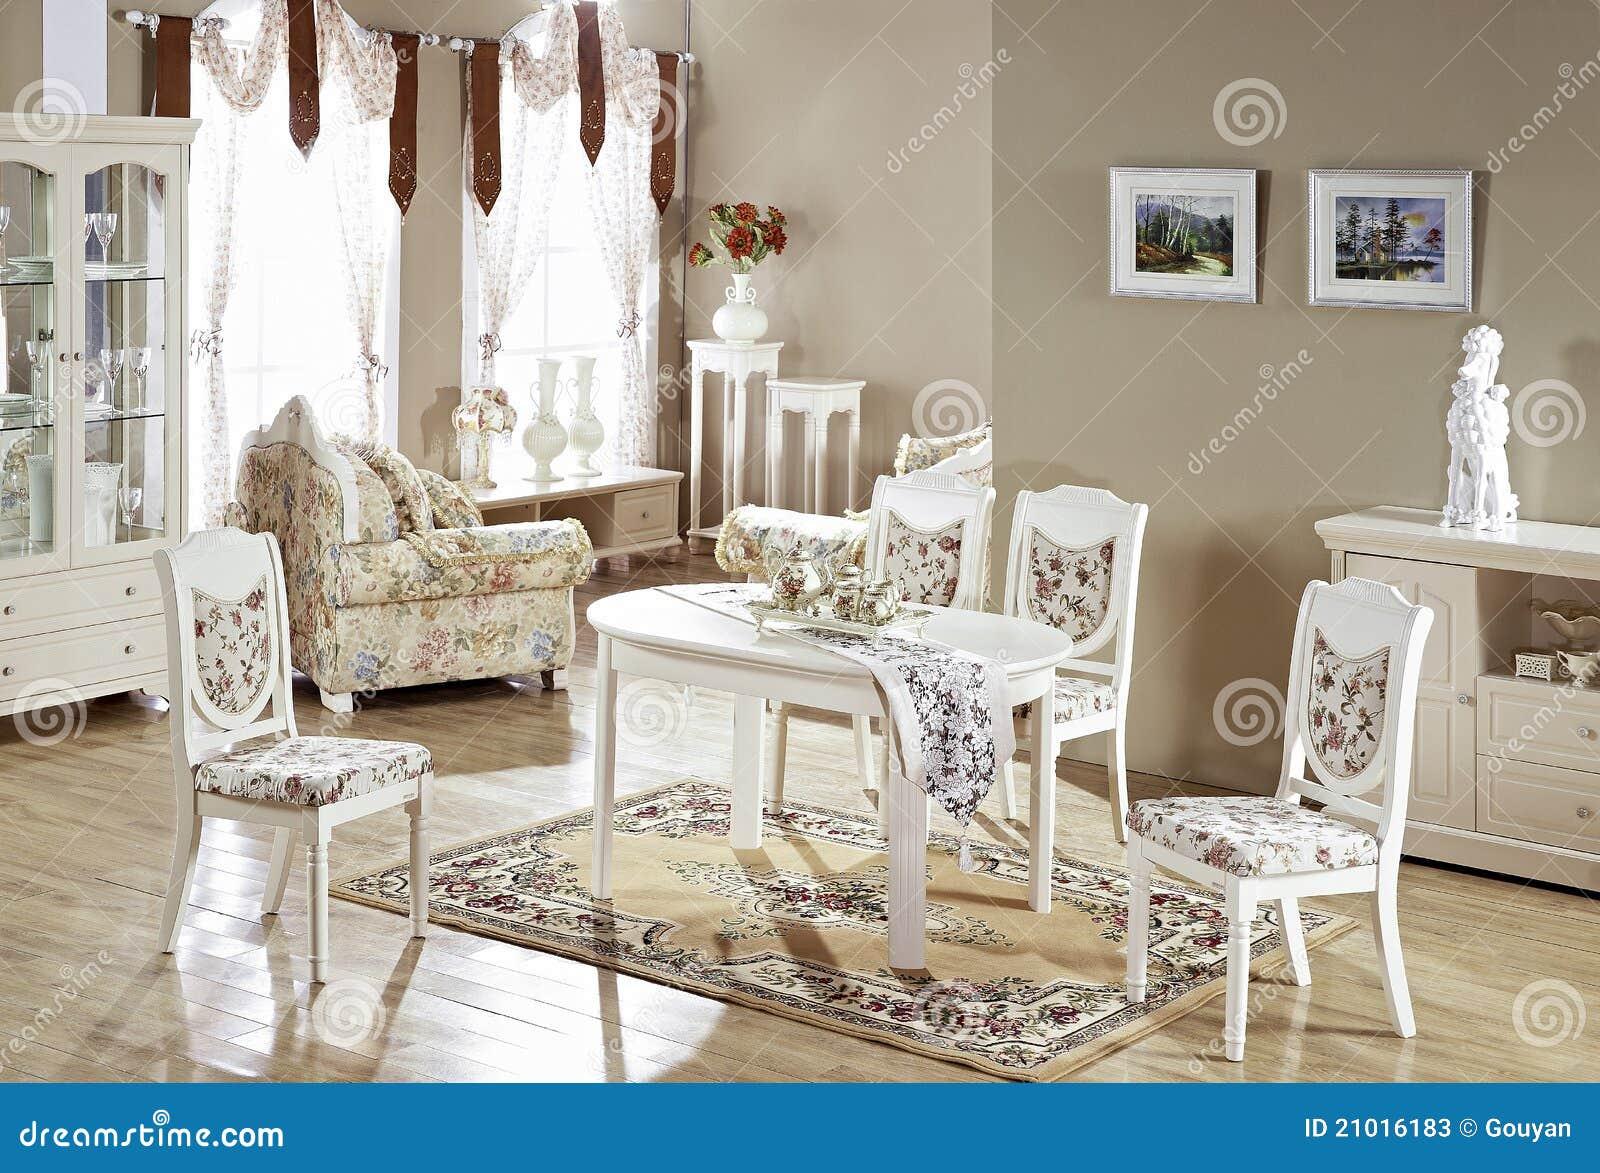 Muebles Blancos En Un Cuarto Imagen De Archivo Imagen De Sitio  # Muebles Blancos